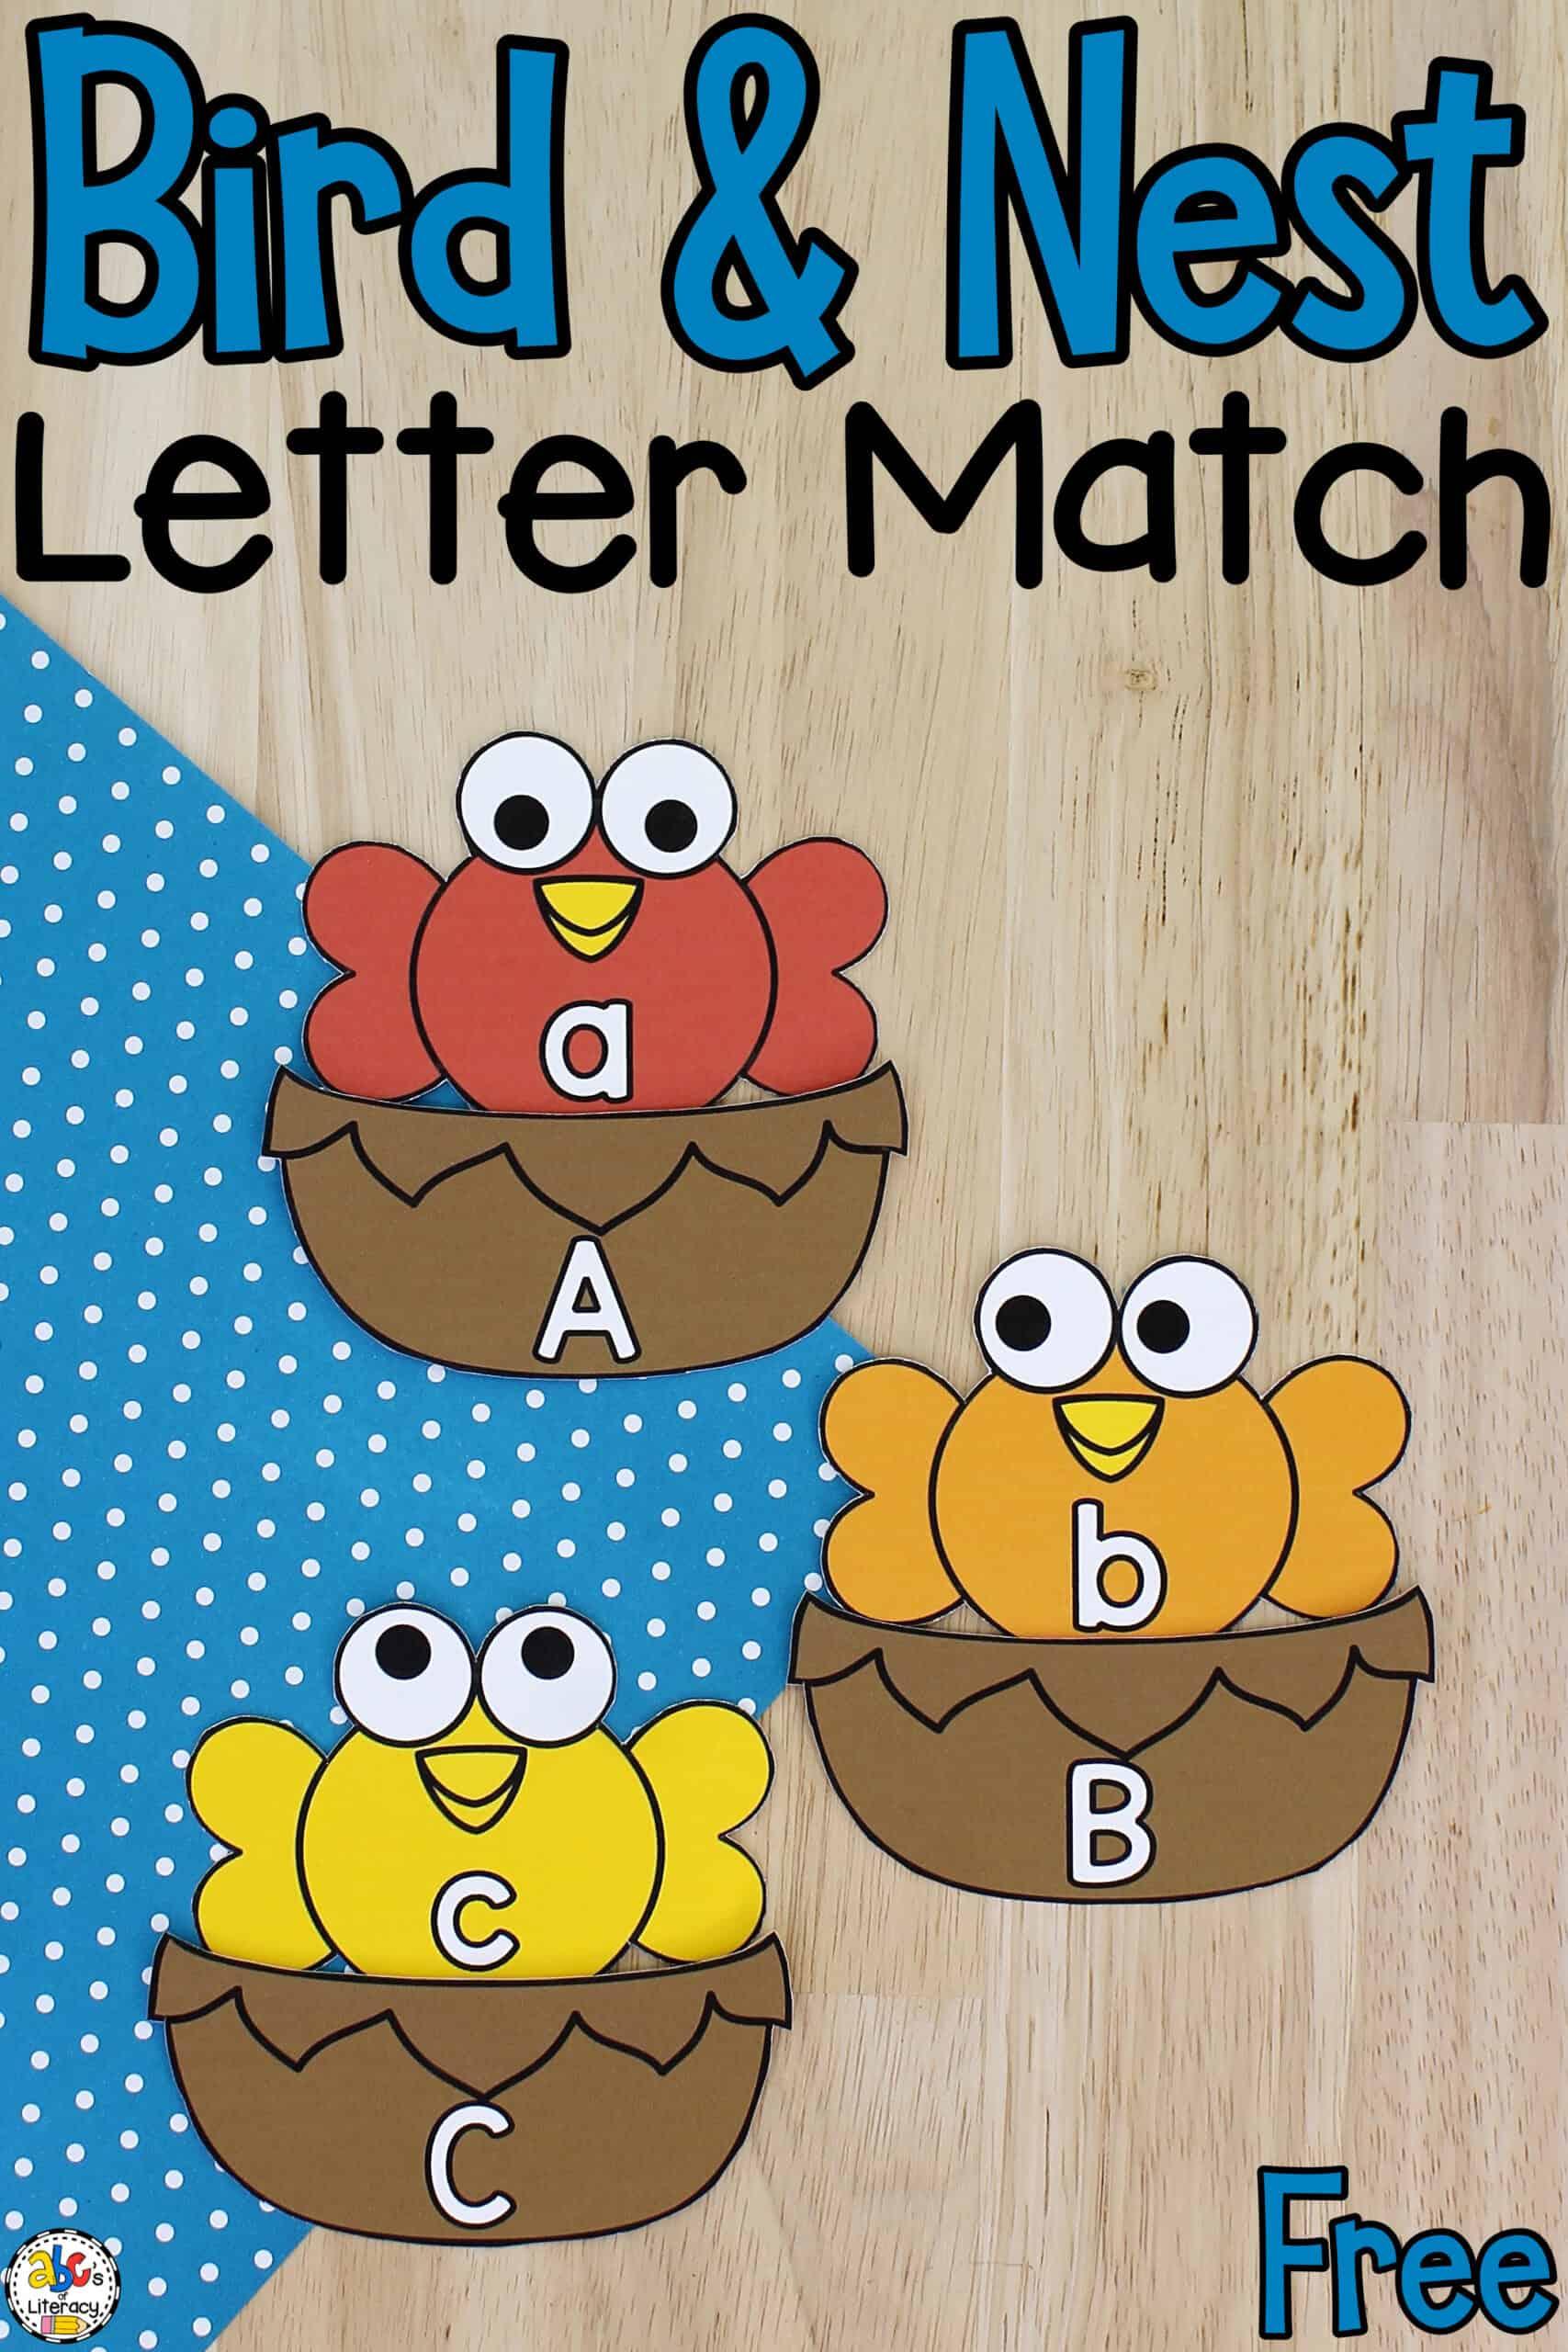 Literacy Activity for Preschoolers